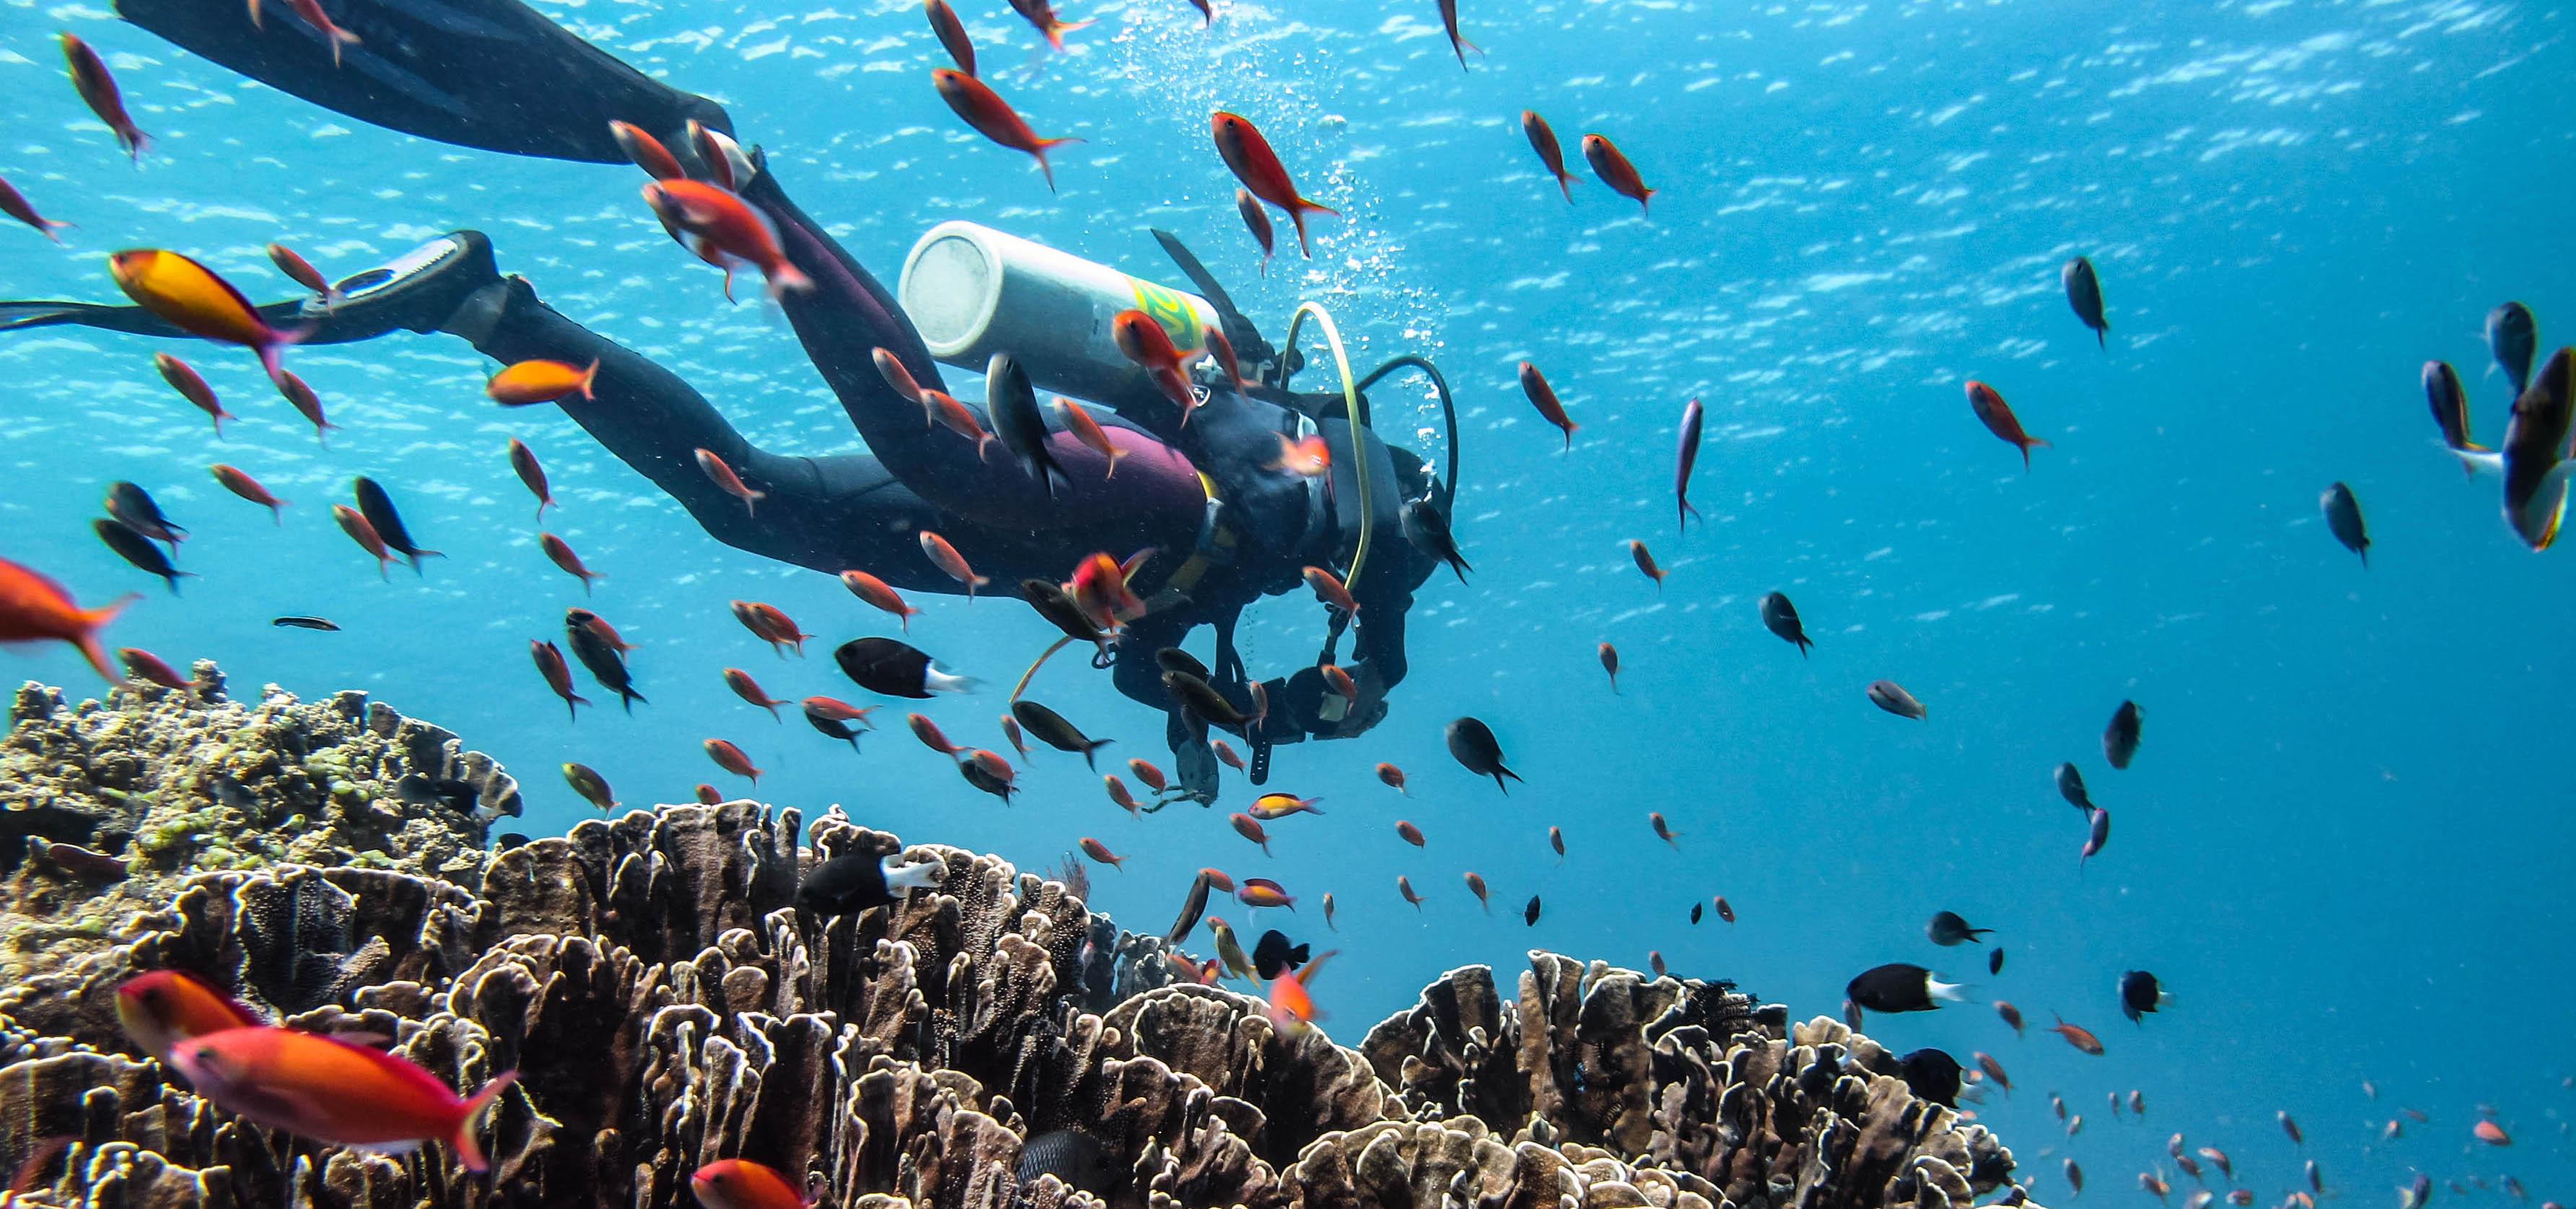 Top 5 Scuba Diving Sites in Gili Trawangan